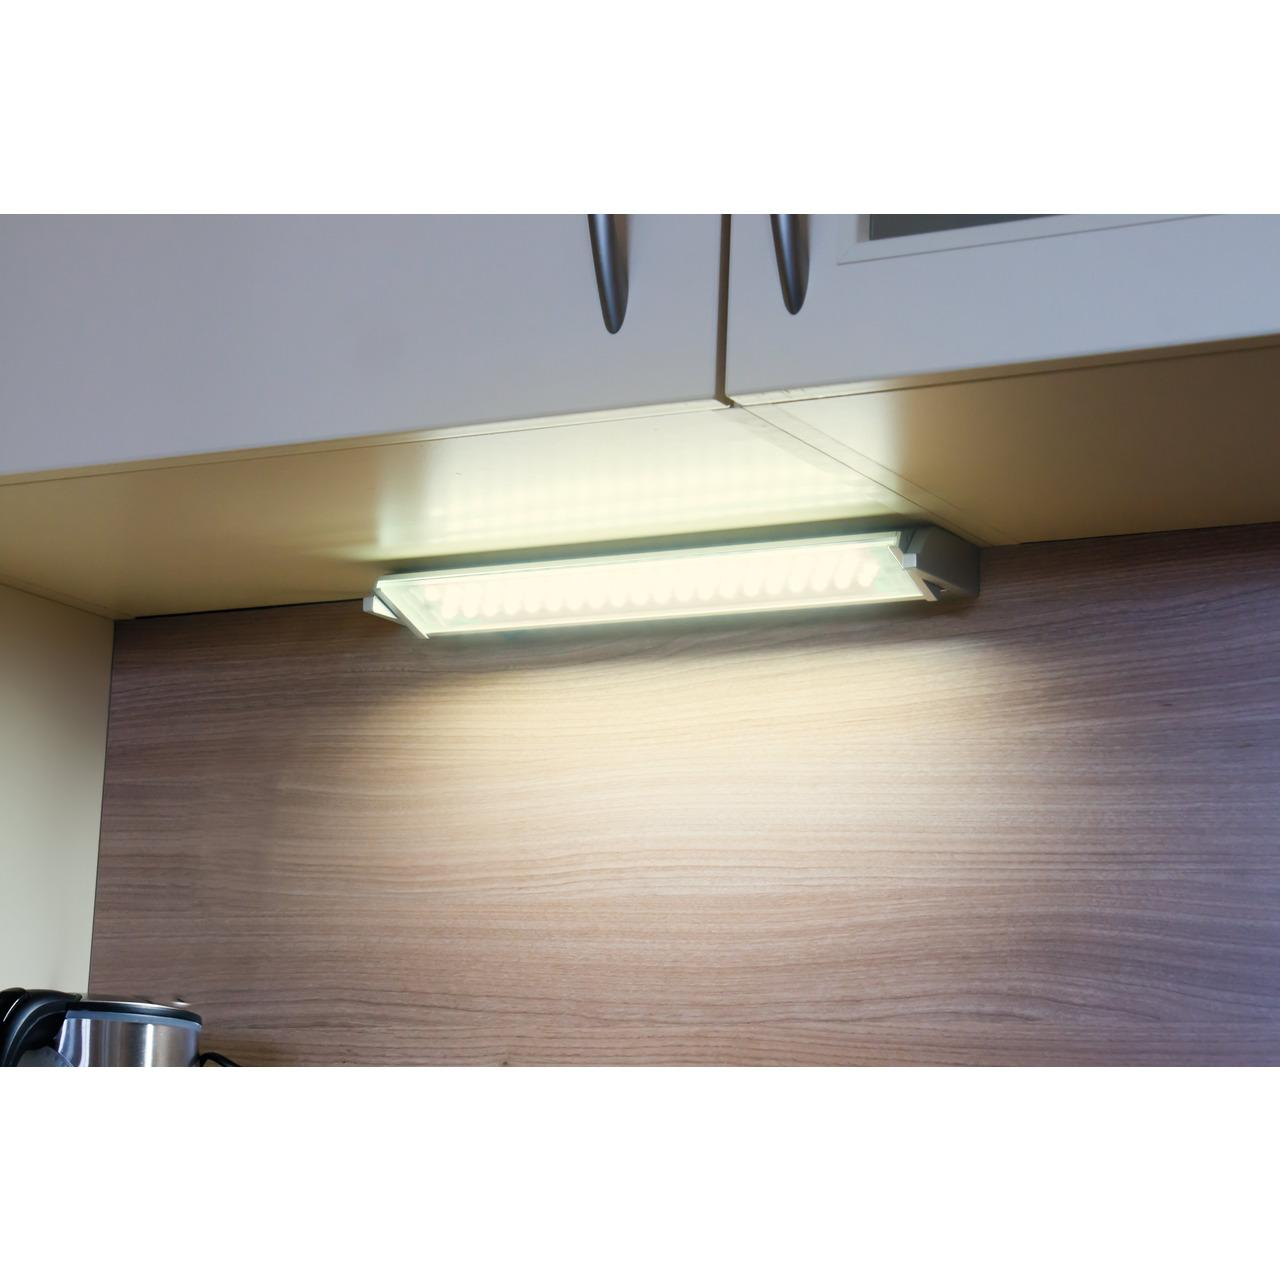 HEITRONIC Schwenkbare LED-Unterbauleuchte MIAMI, 10 W, 680 lm, warmweiß, 58 cm